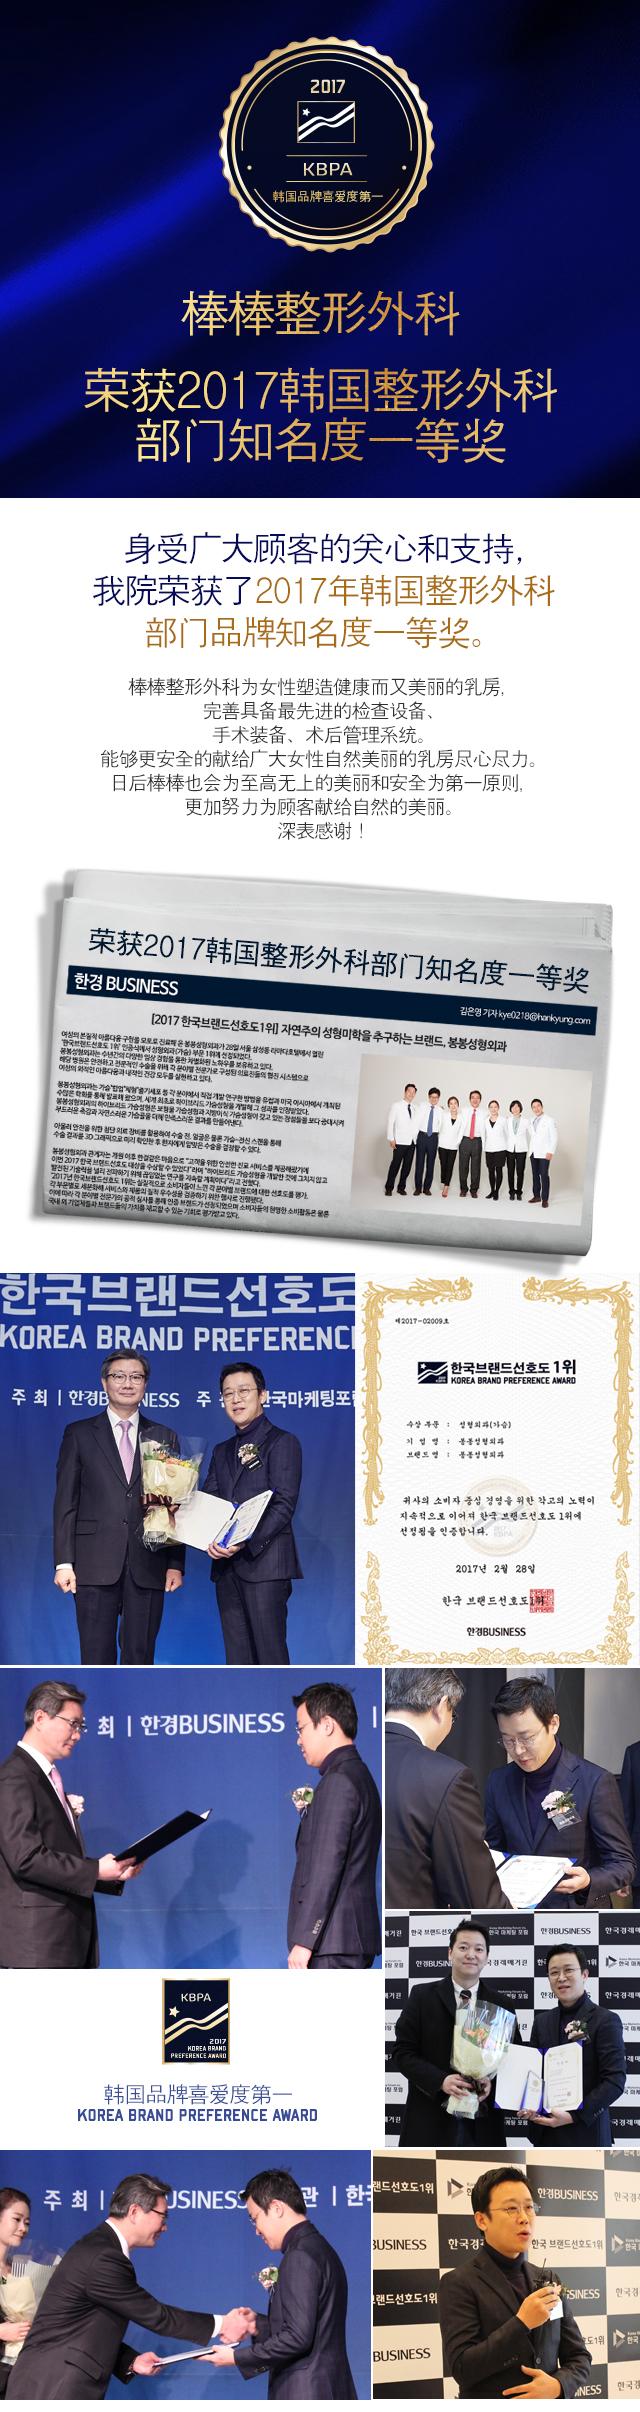 한국 브랜드 선호도 1위 공지사항 소식 (중문).jpg